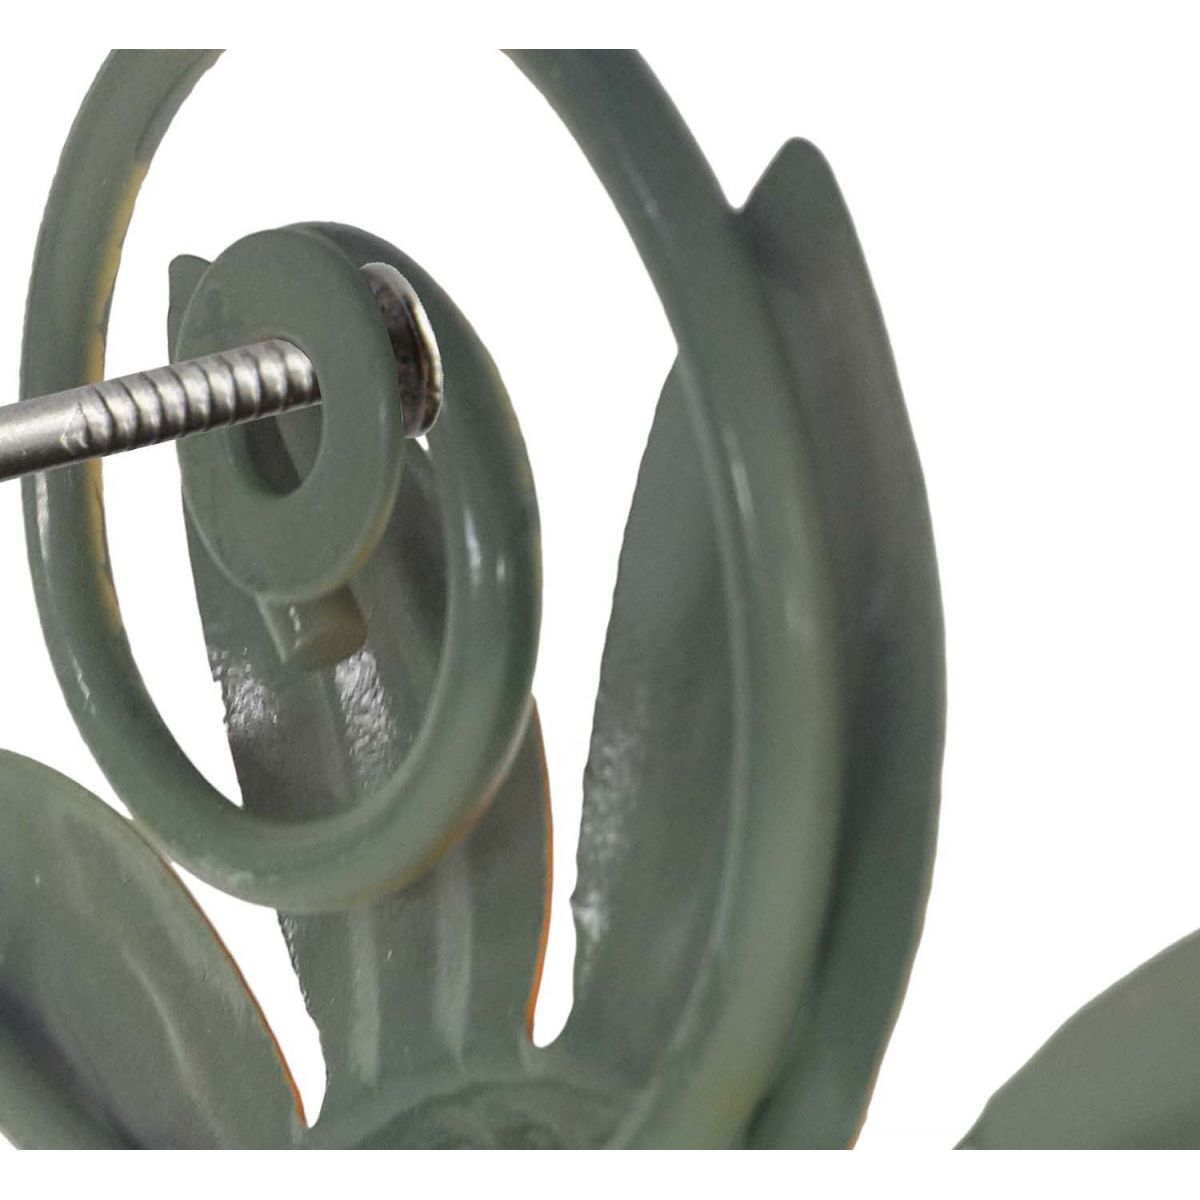 Gancho de Metal Flor Triplo Para Chapeu Bolsa Bone Enfeite Pendura Sortido Com 2 Unid (pt-c-e)